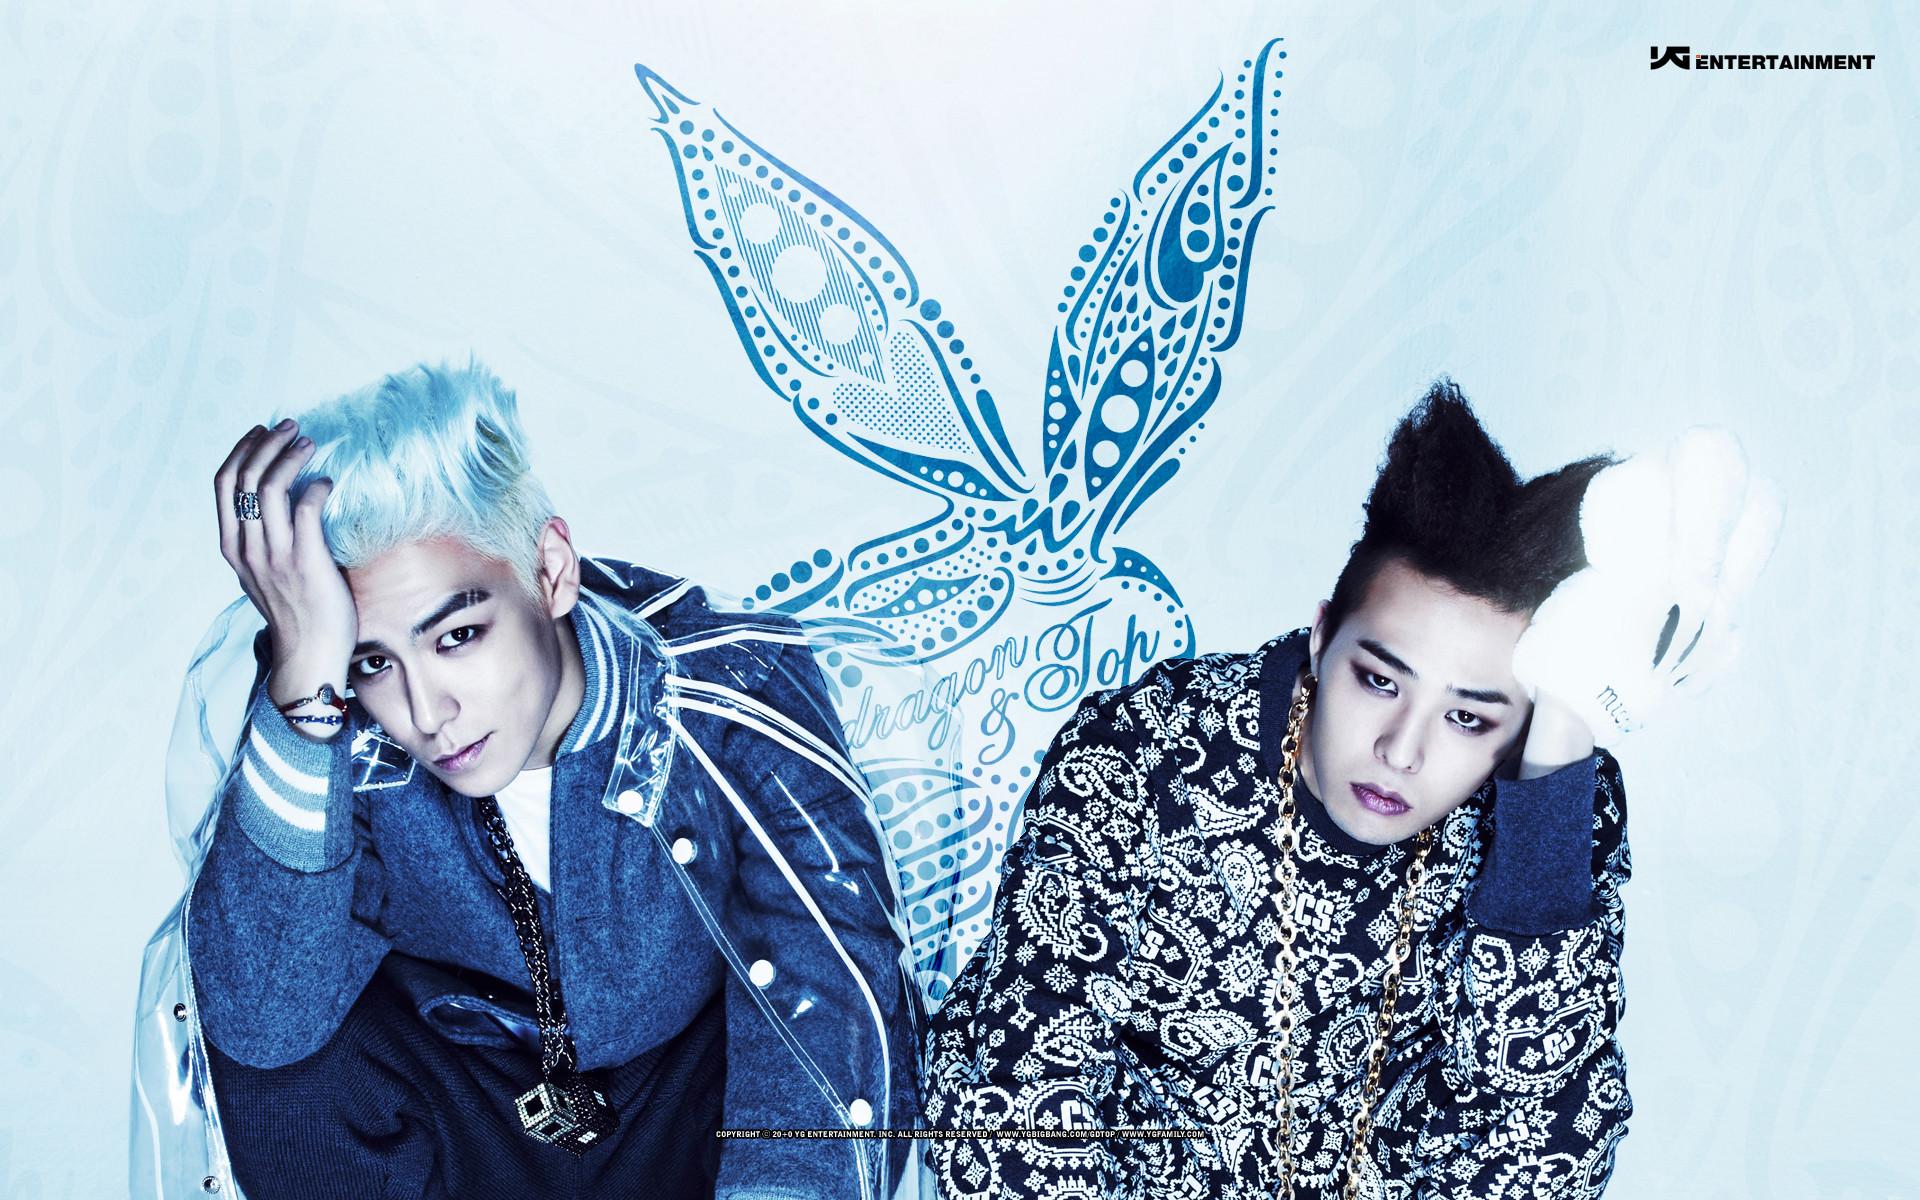 Res: 1920x1200, G-Dragon BigBang hip hop k-pop korean kpop pop (30) wallpaper |  |  228706 | WallpaperUP